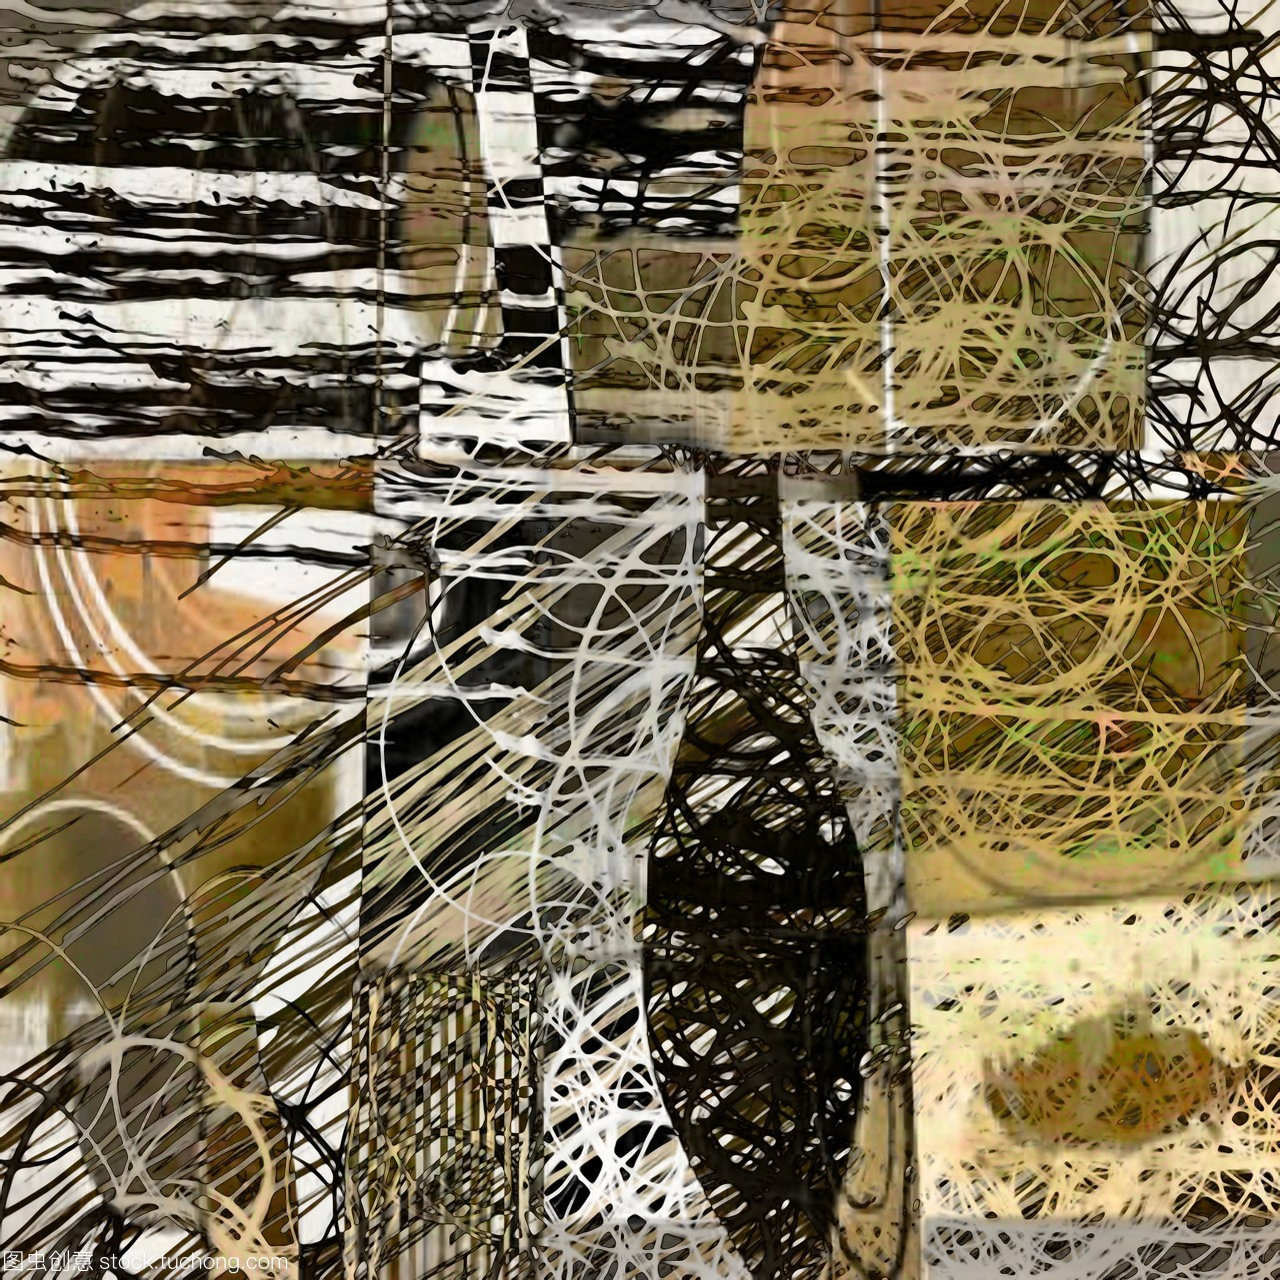 图纸,干枯,图案,创意,干,a图纸,多彩,刷漆,上色,刷橱柜标准图纸画法图片